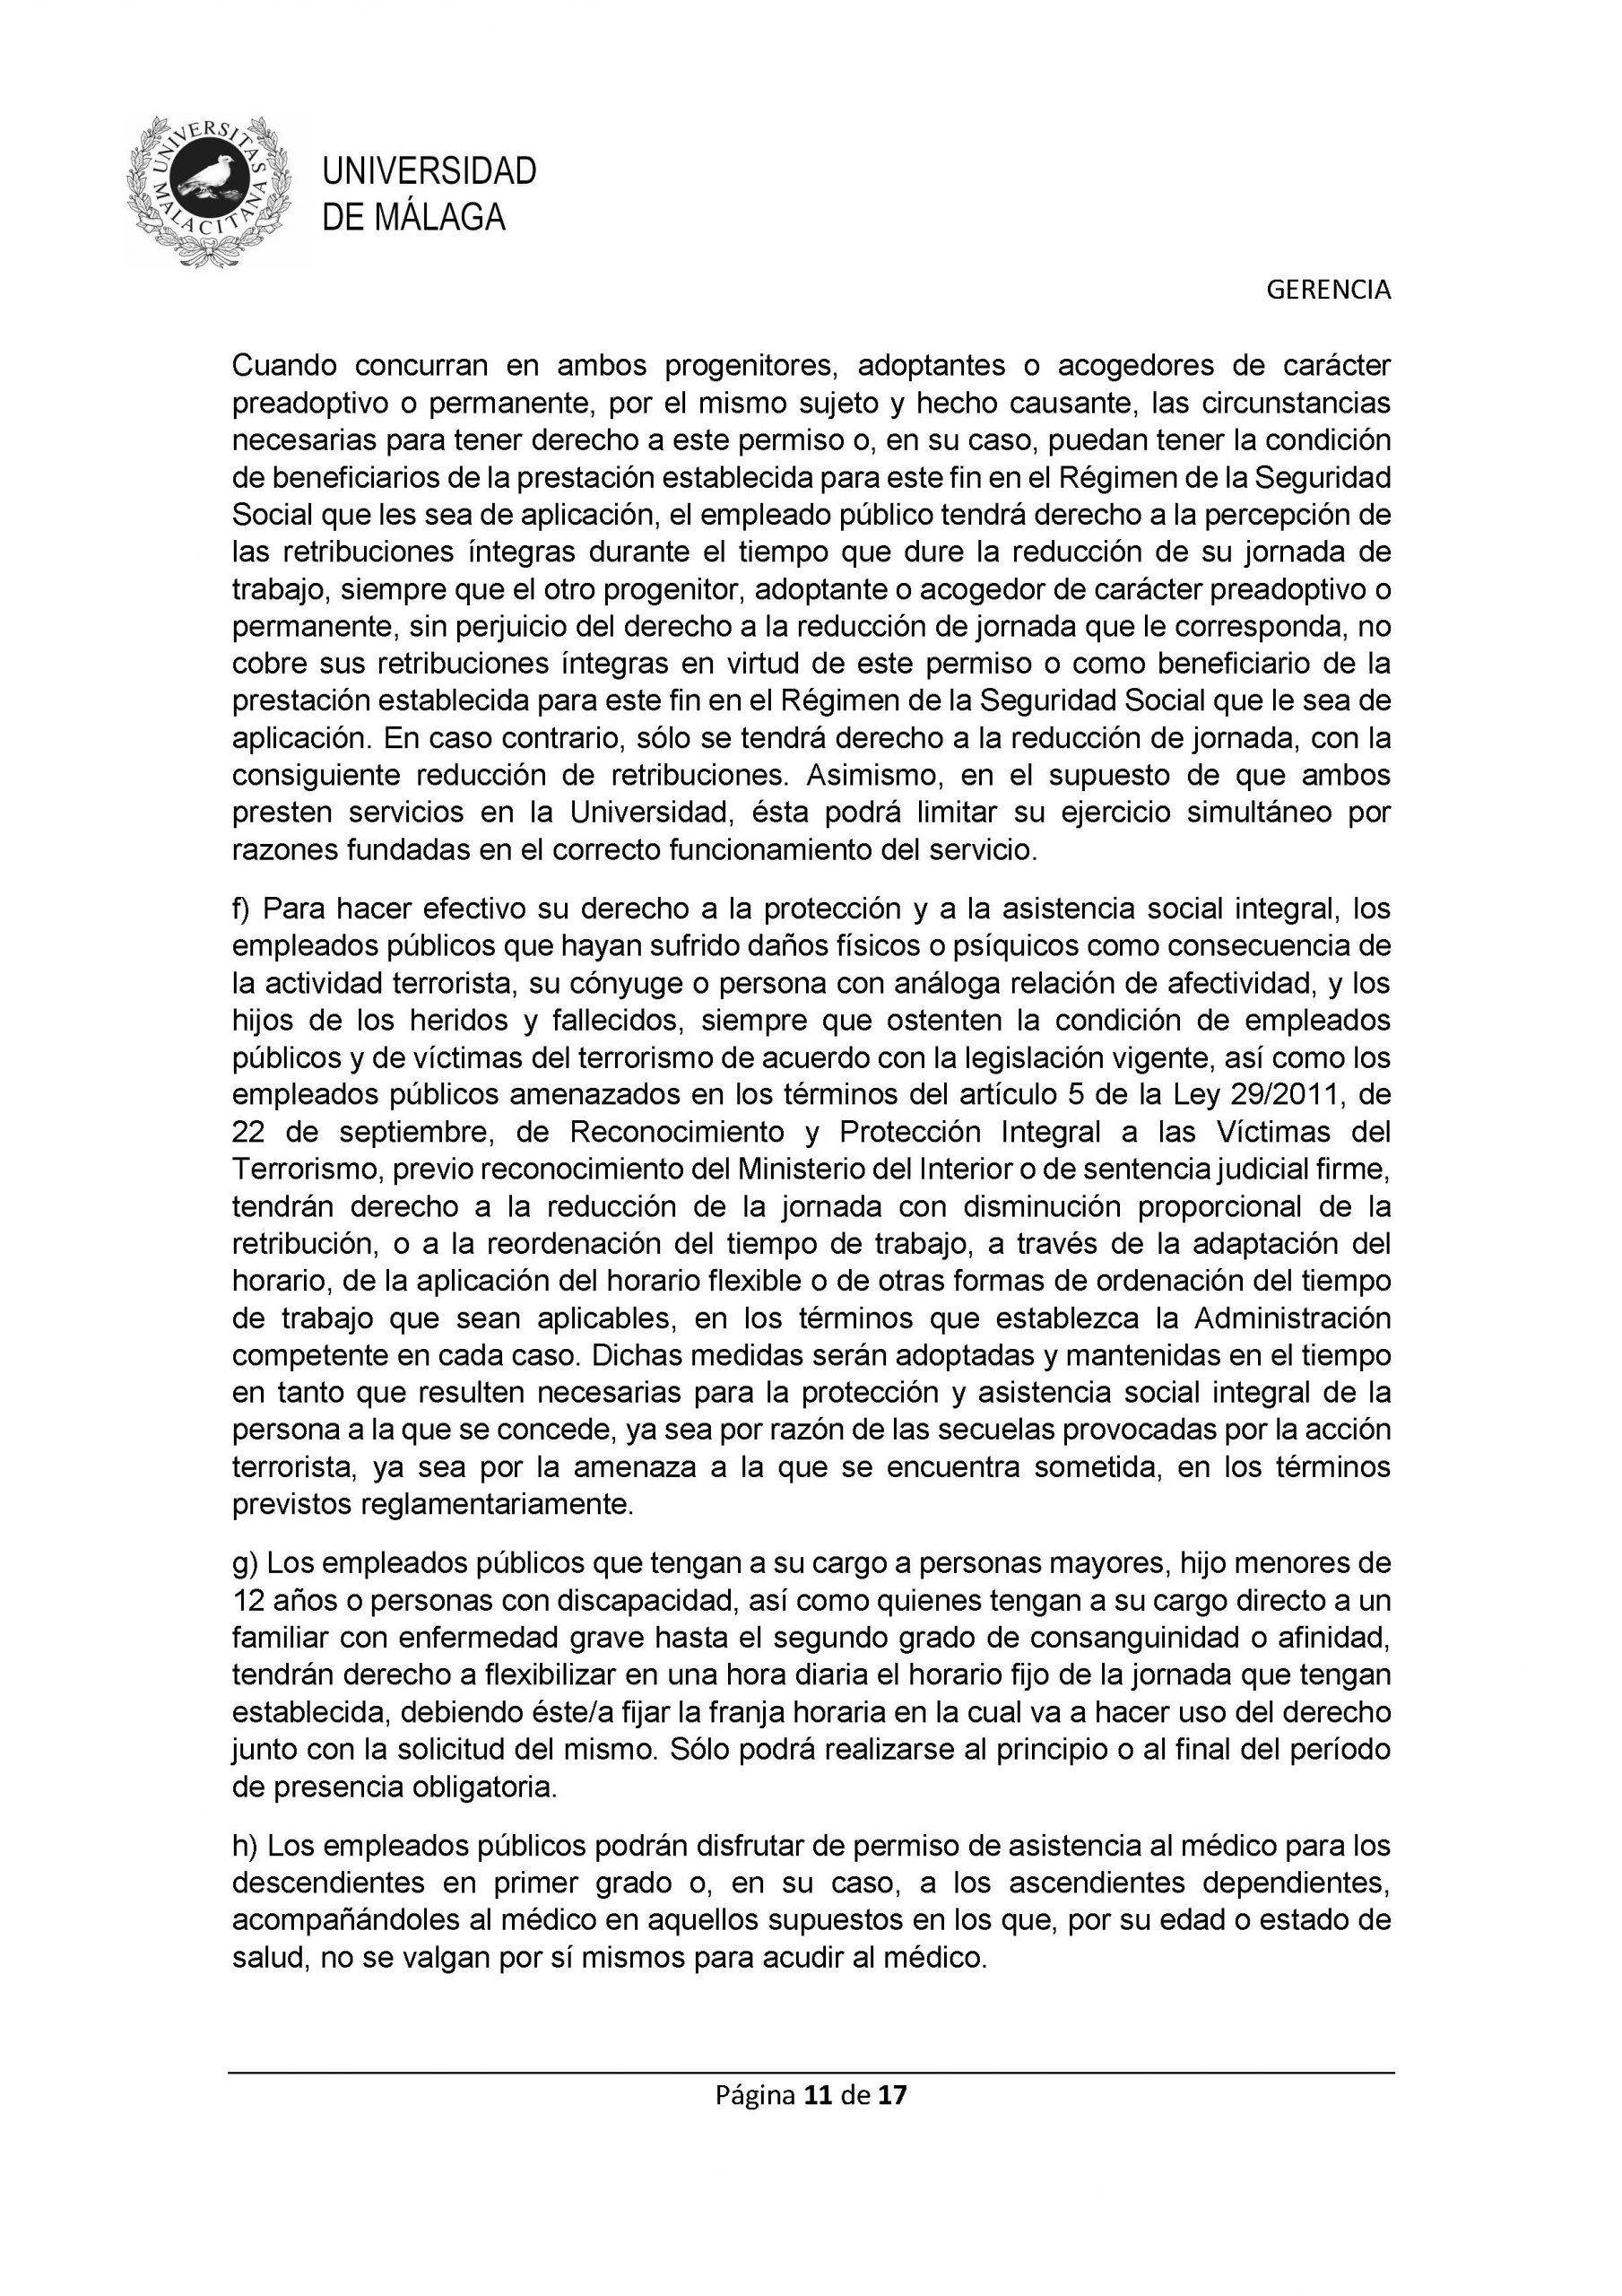 instruccion_interna_texto_final_5_de_mayo_pgina_11